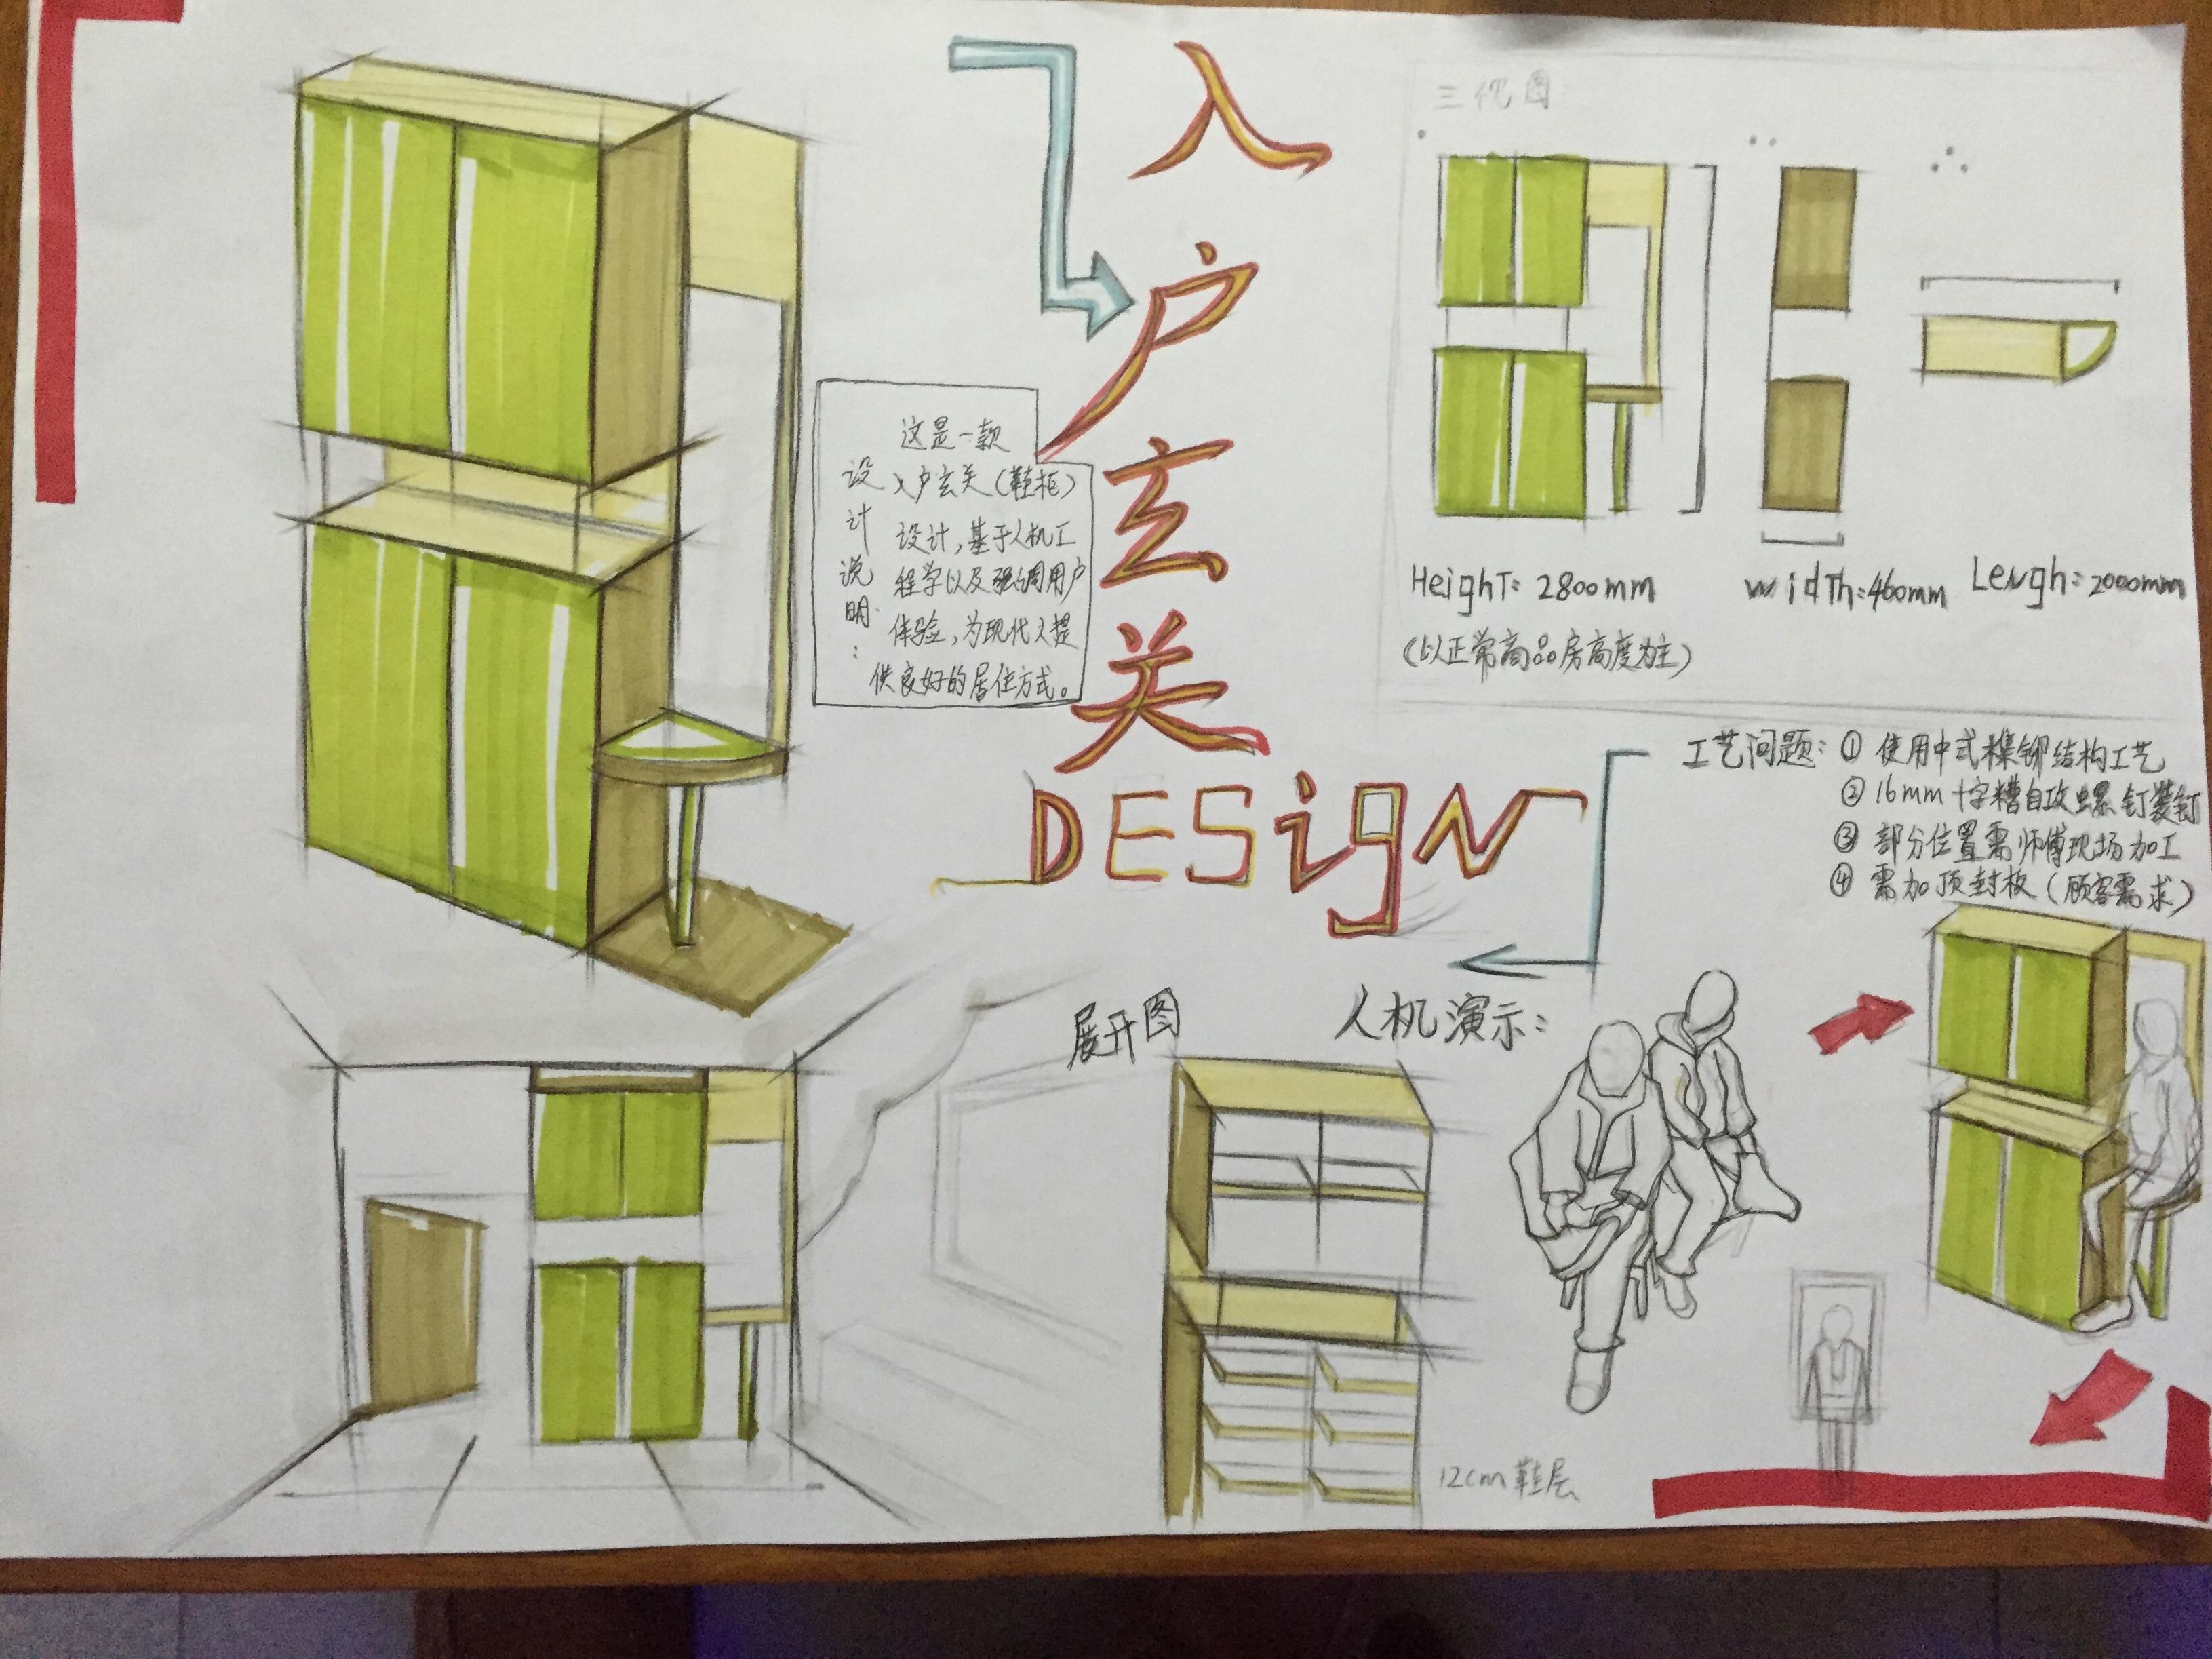 工业设计马克笔手绘|工业/产品|人机交互|leuang1996